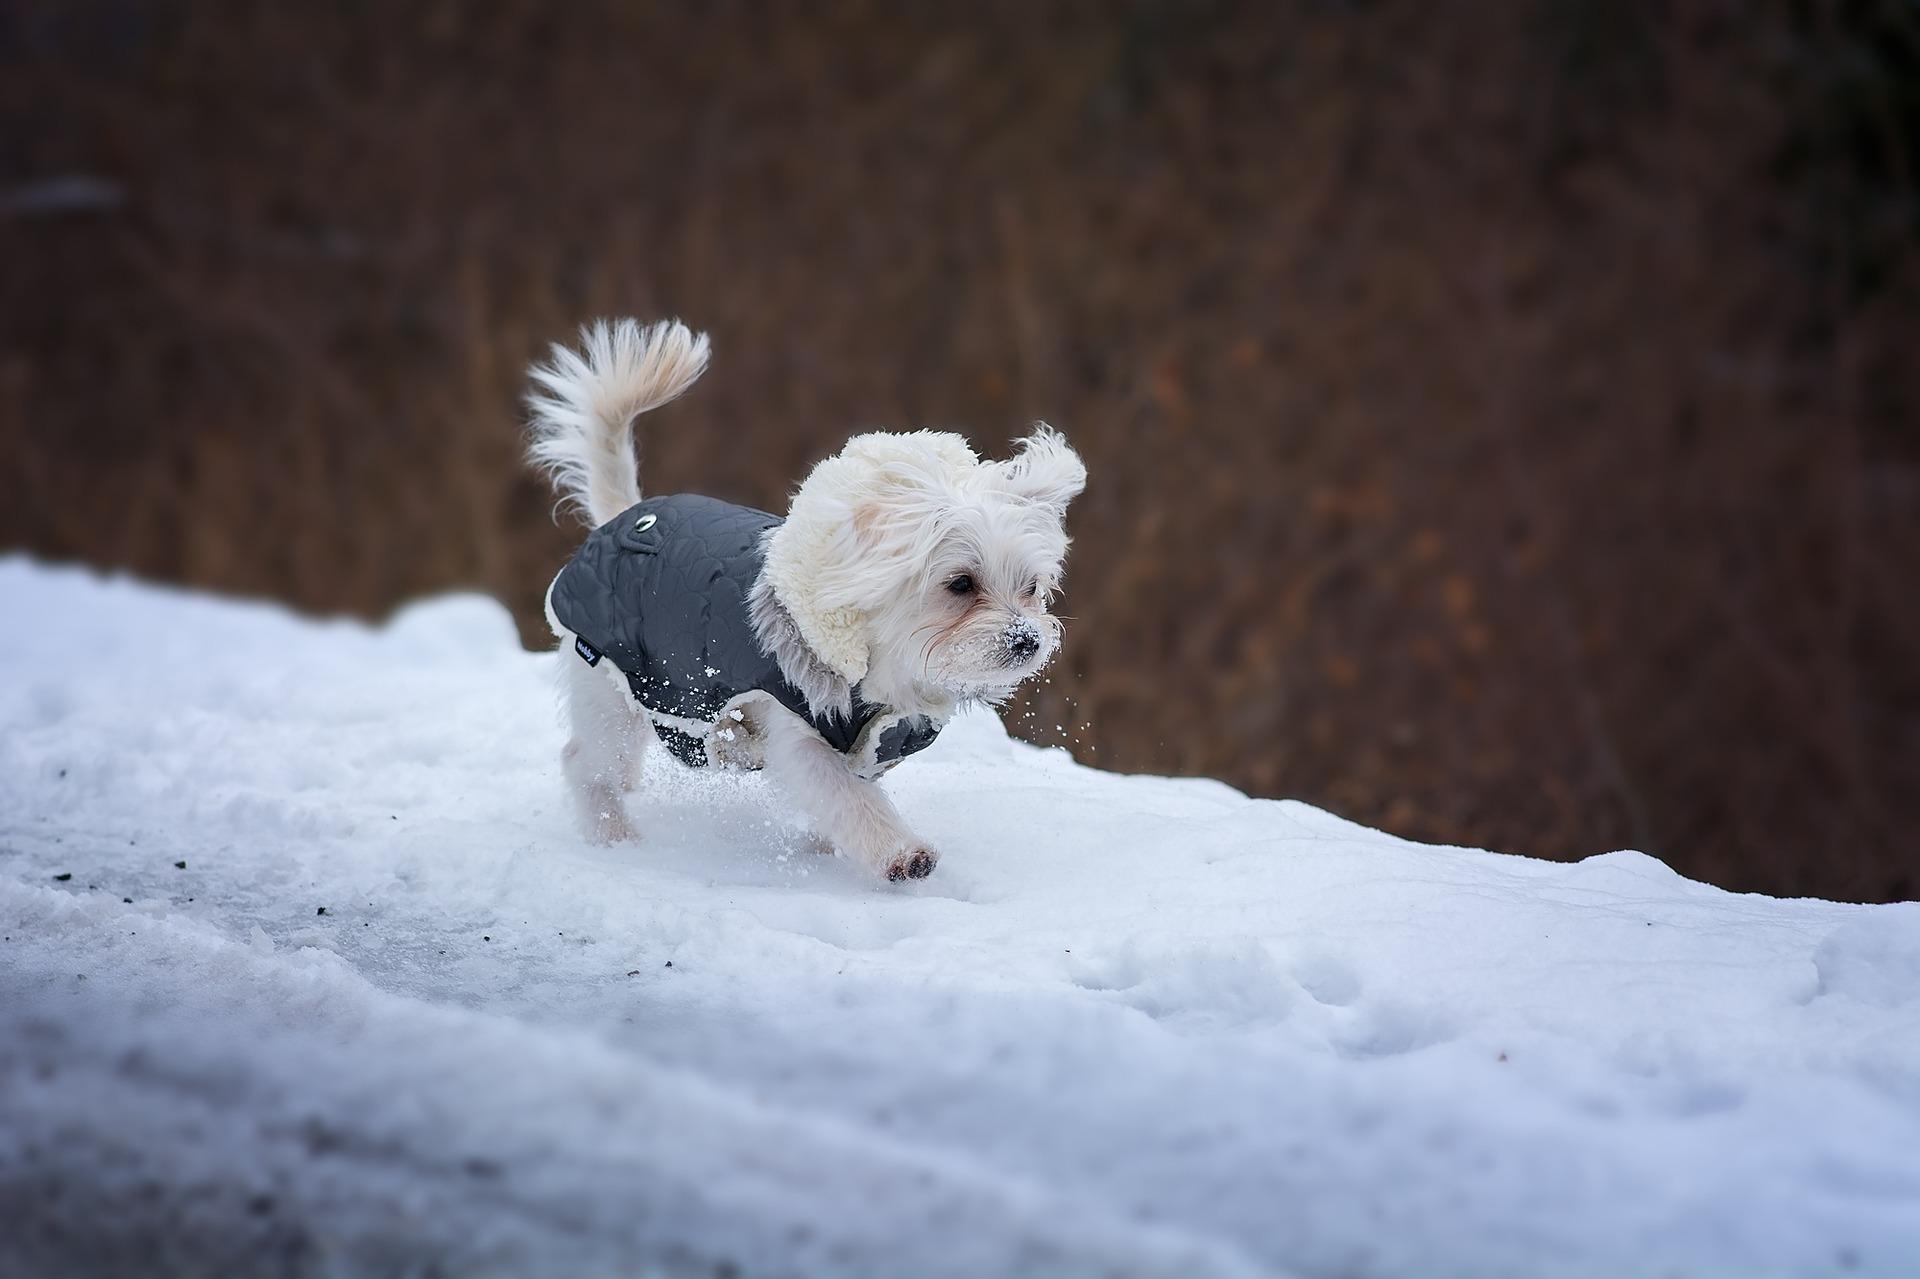 Cagnolino bianco che cammina sulla neve.